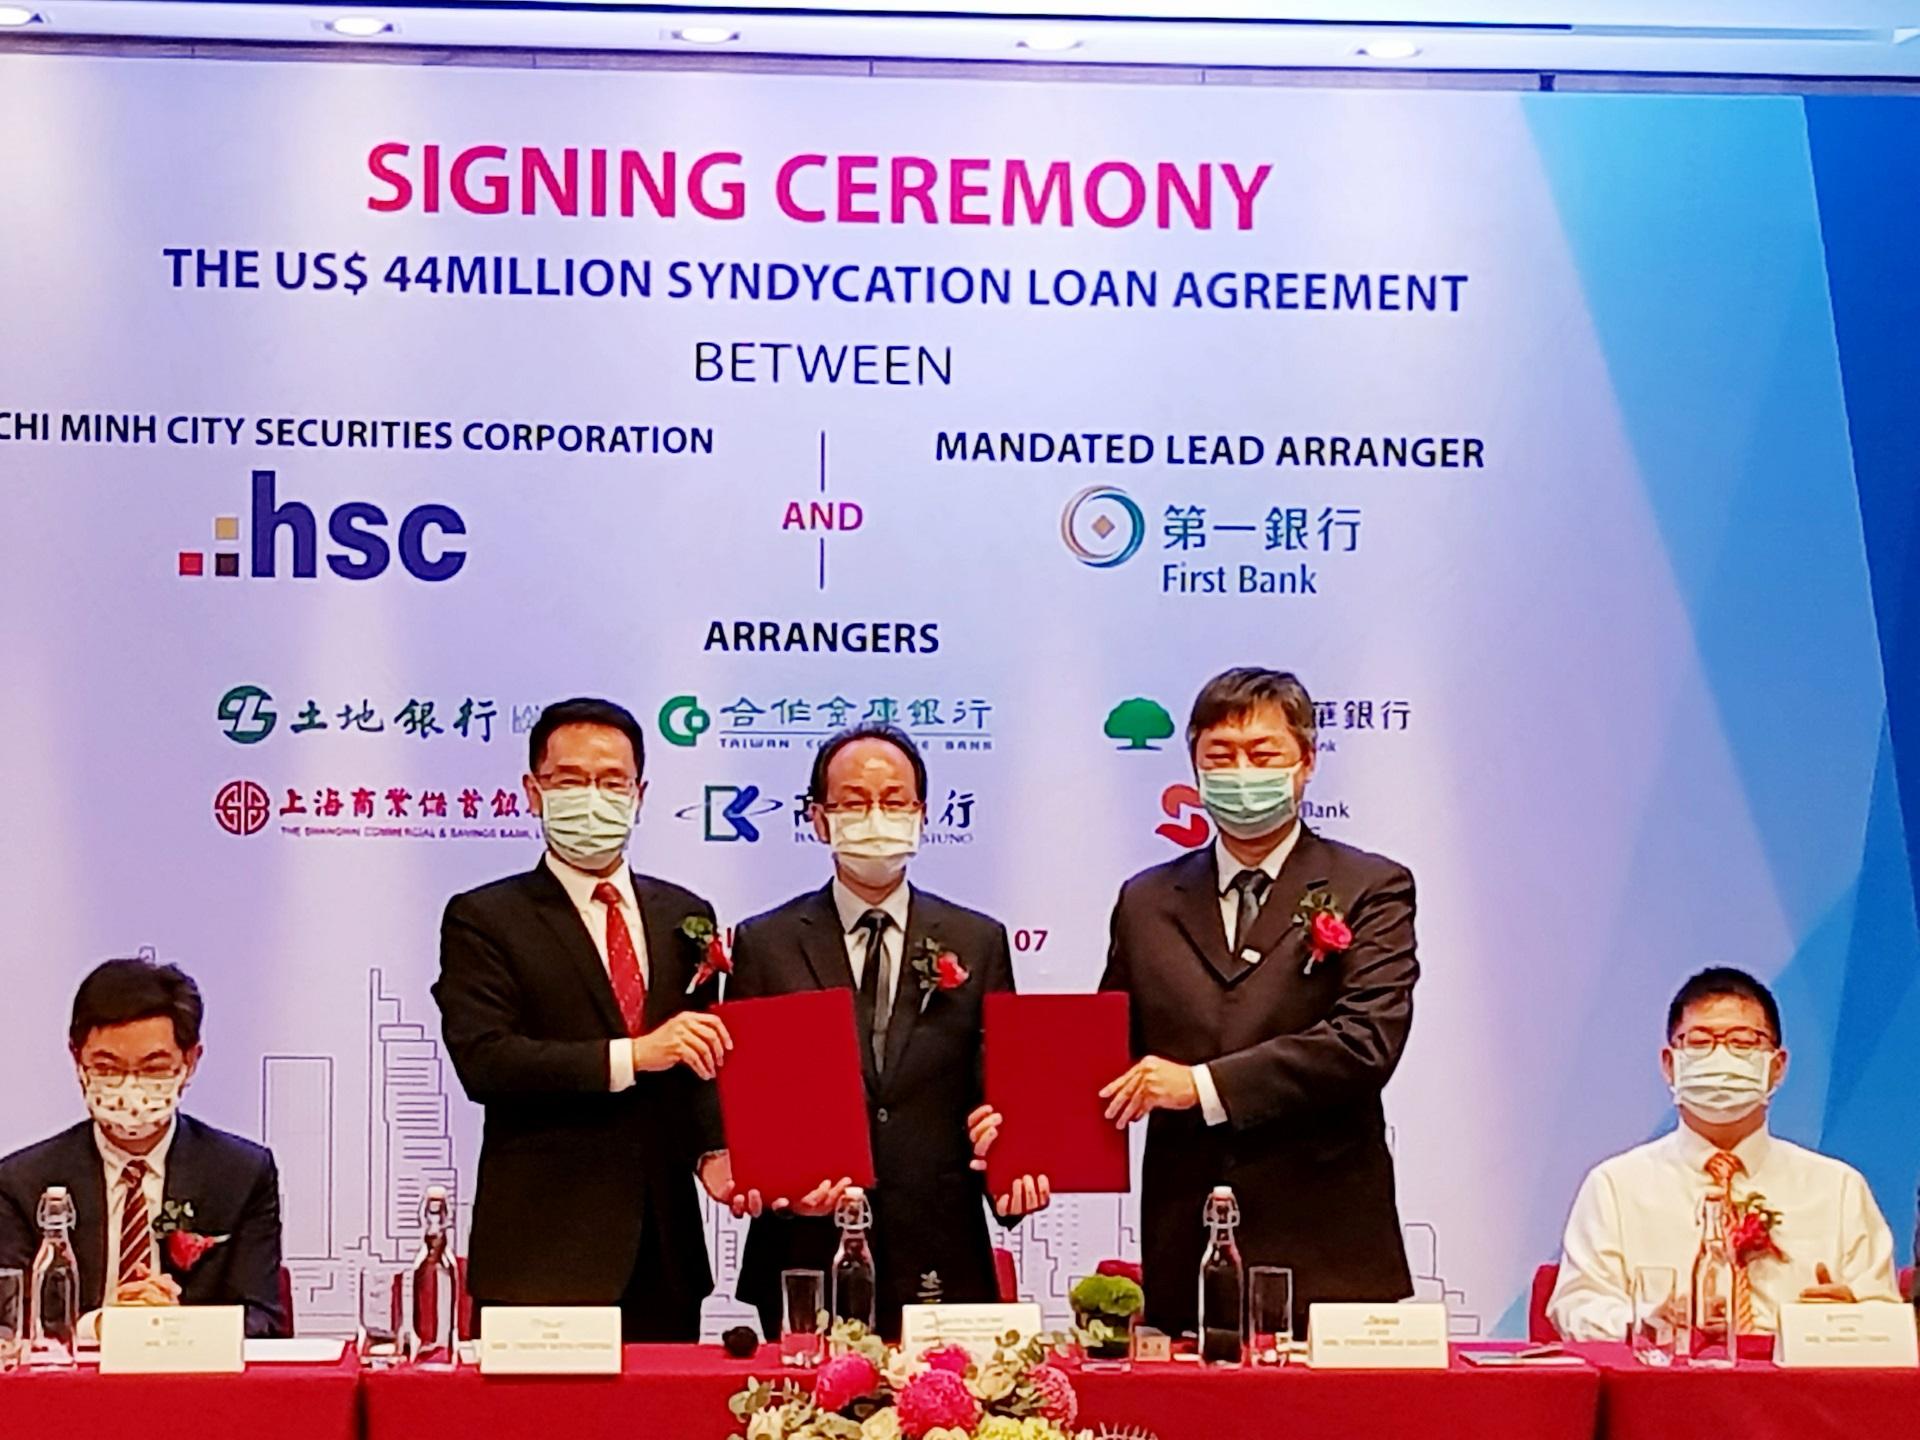 Chứng khoán HSC nhận khoản vay hợp vốn hơn 1.000 tỷ đồng từ nhóm các định chế tài chính Đài Loan